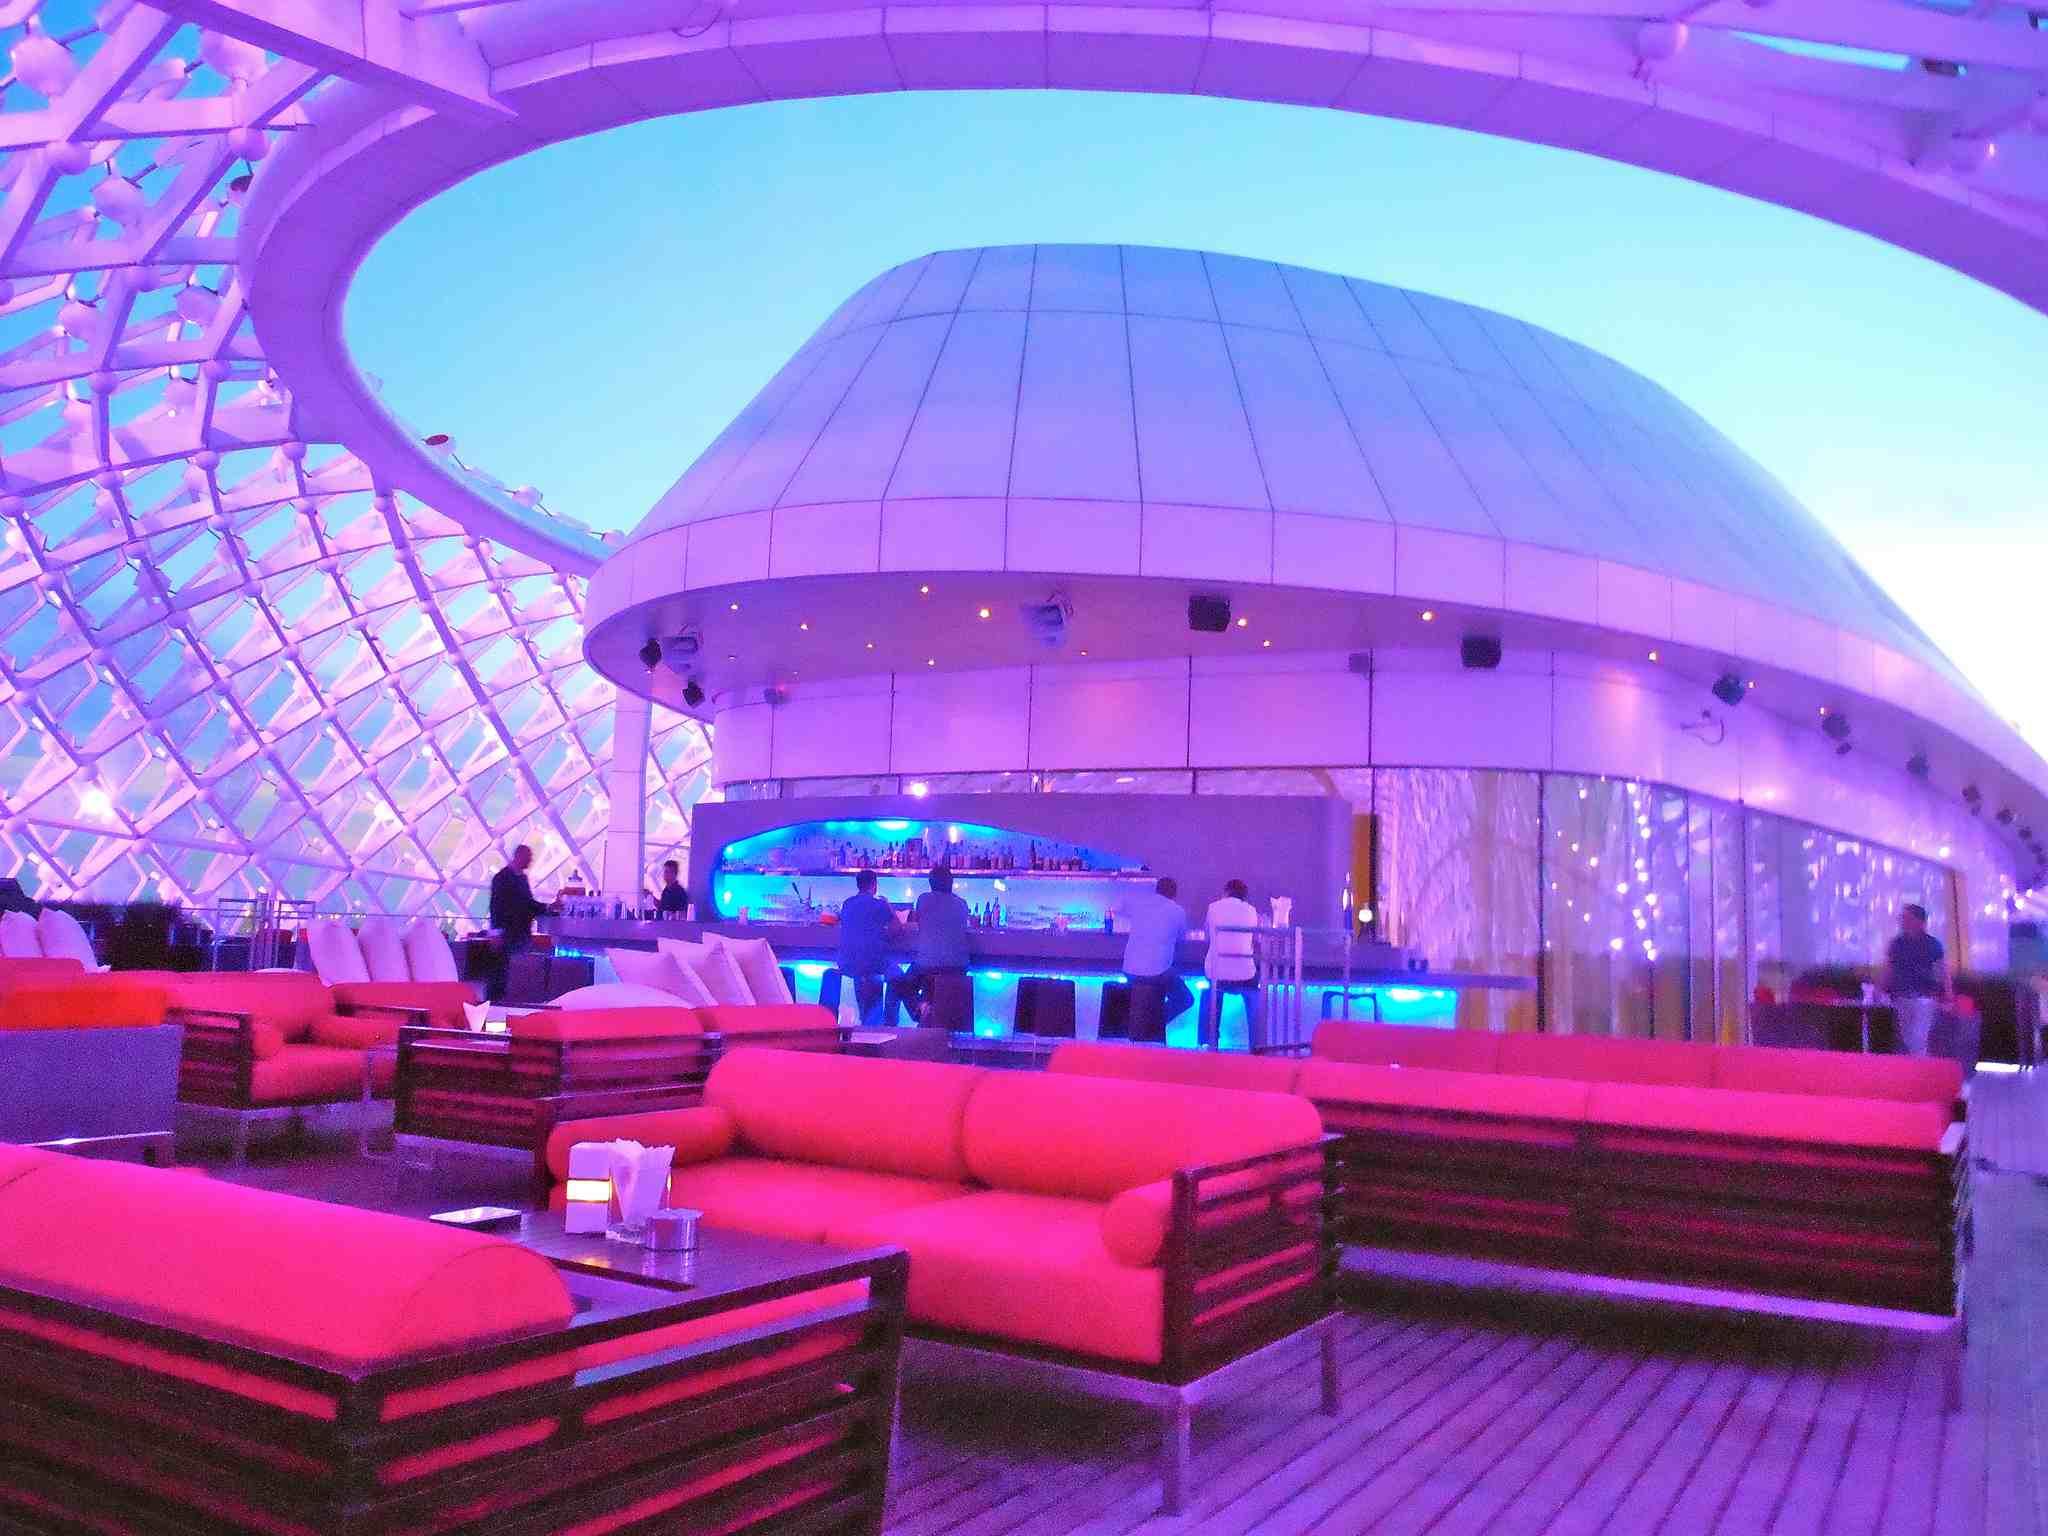 Futuristic lounge area of the Yas Hotel Abu Dhabi